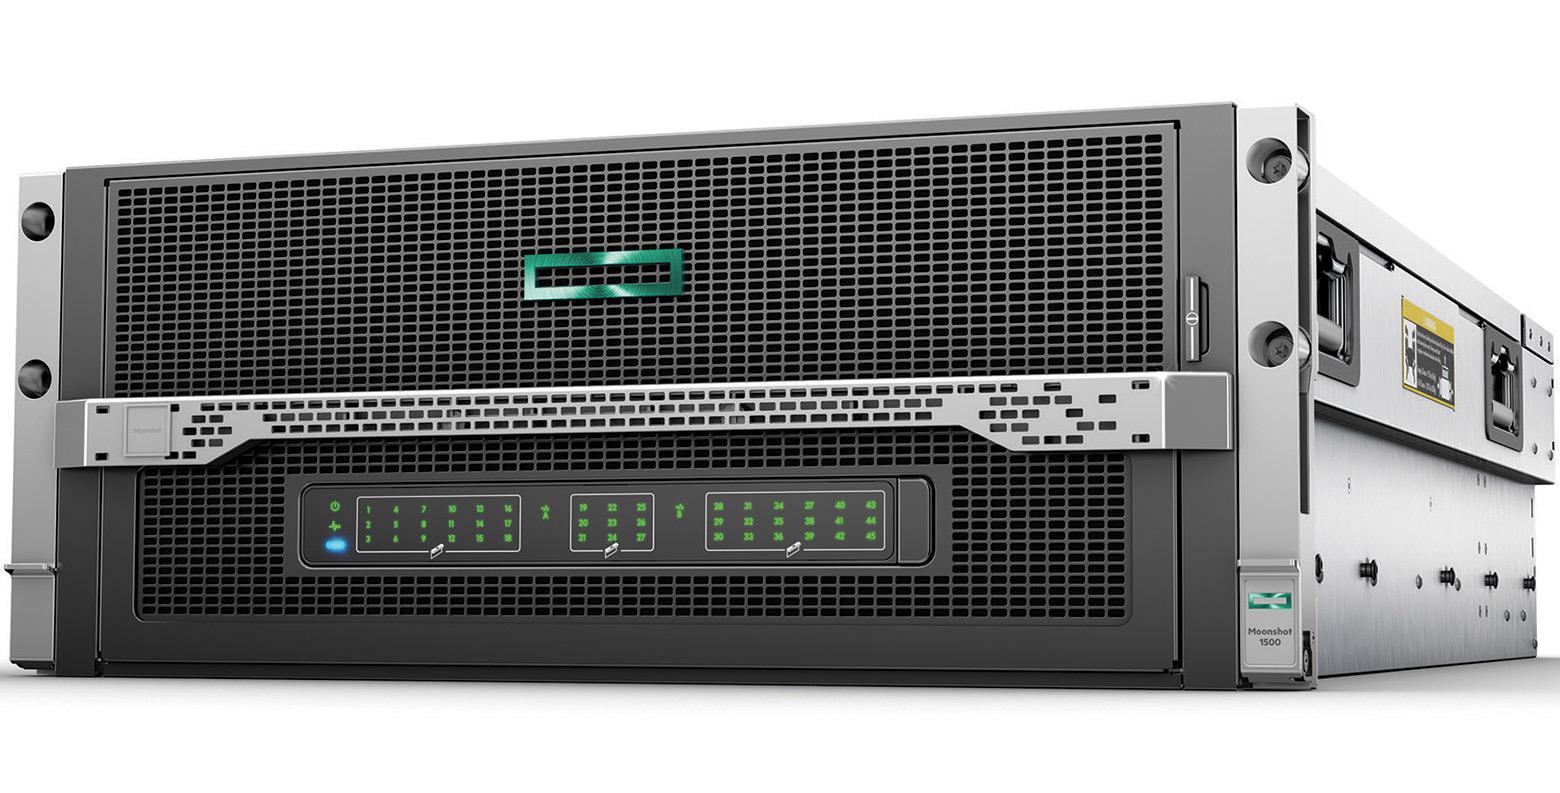 Просто, мощно, навсегда. Элекард CodecWorks 990 — программный лайв транскодер для AVC и HEVC - 9